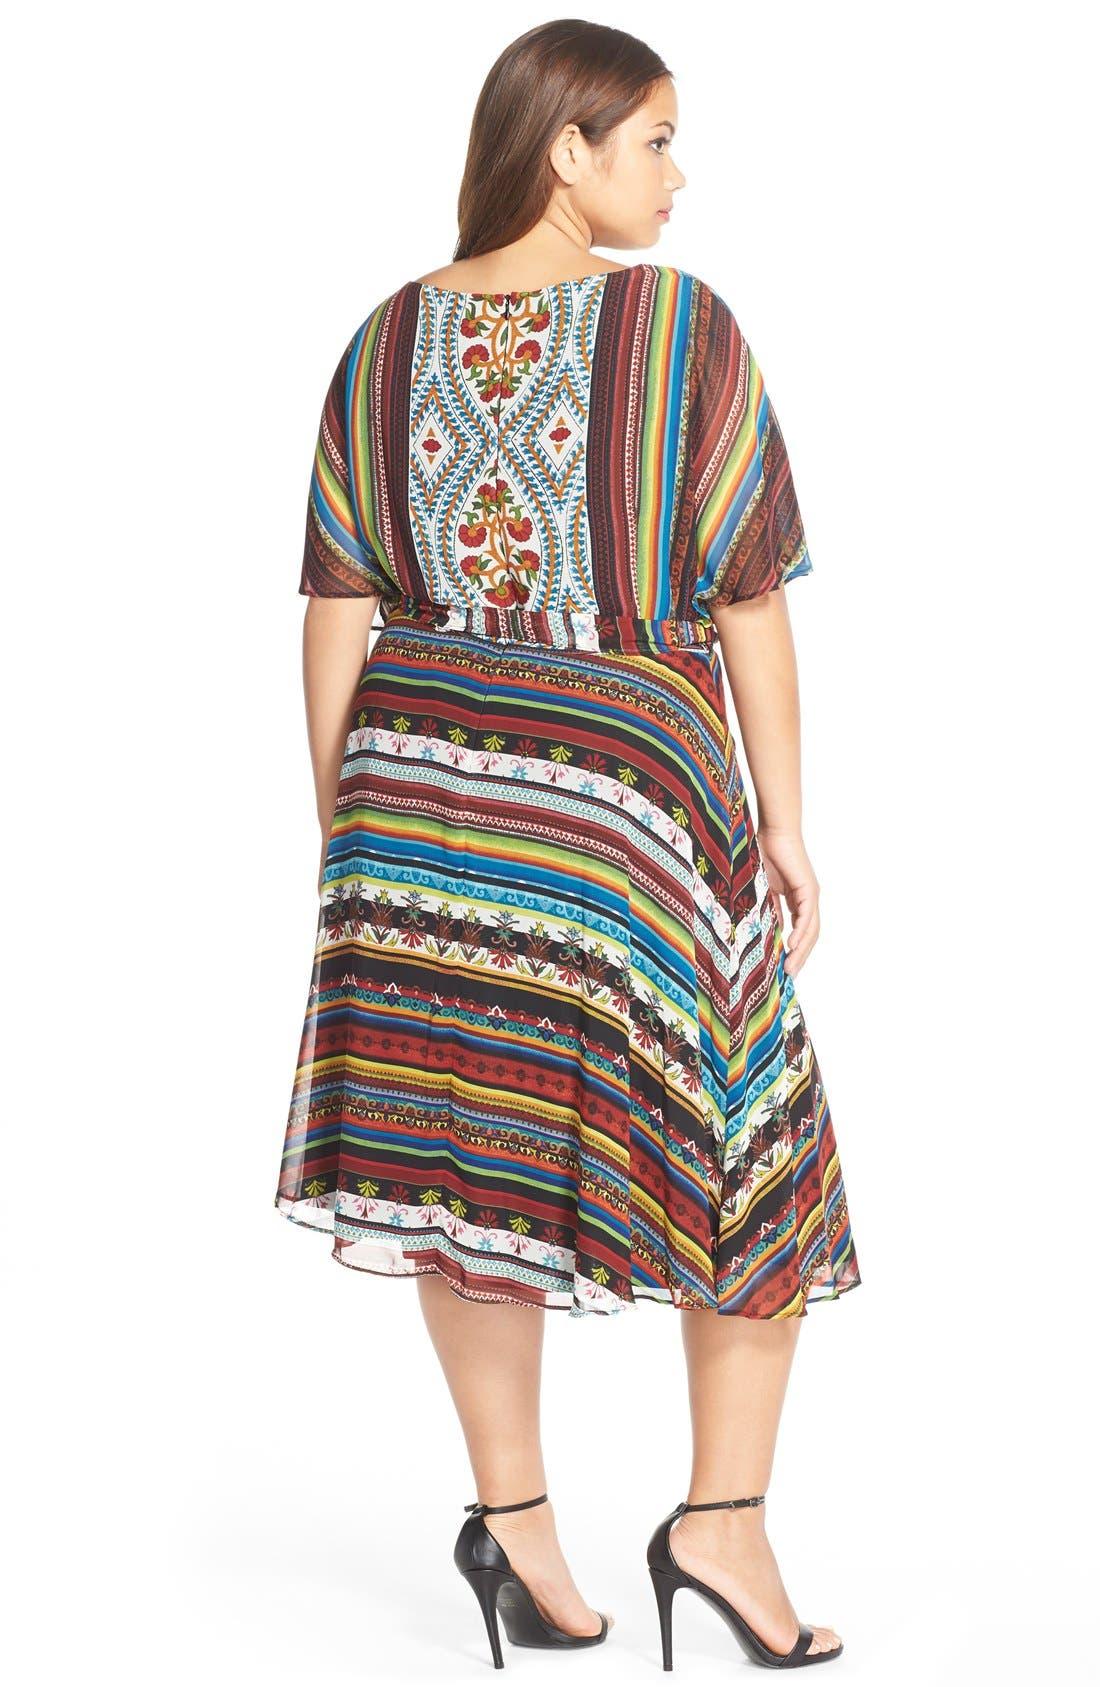 Alternate Image 2  - Gabby Skye 'Boho Chic' Belted Print Chiffon Dress (Plus Size)